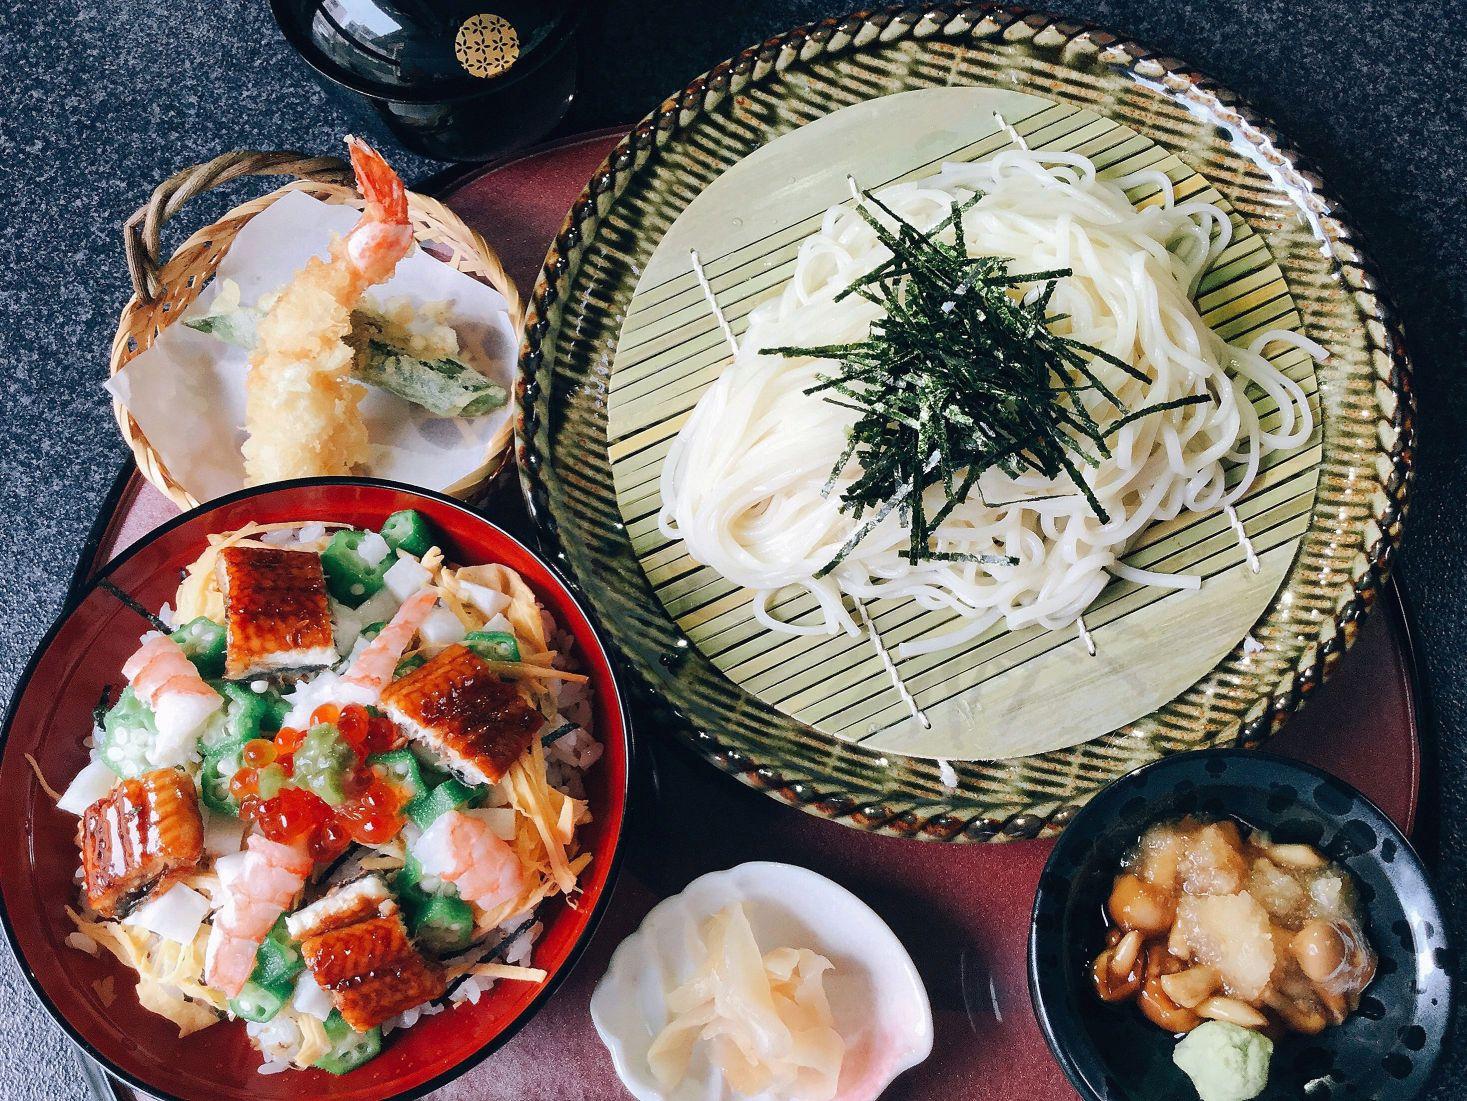 秋田稲庭手綯(てない)うどんと特選ちらし寿司 2,700円(税サ込)